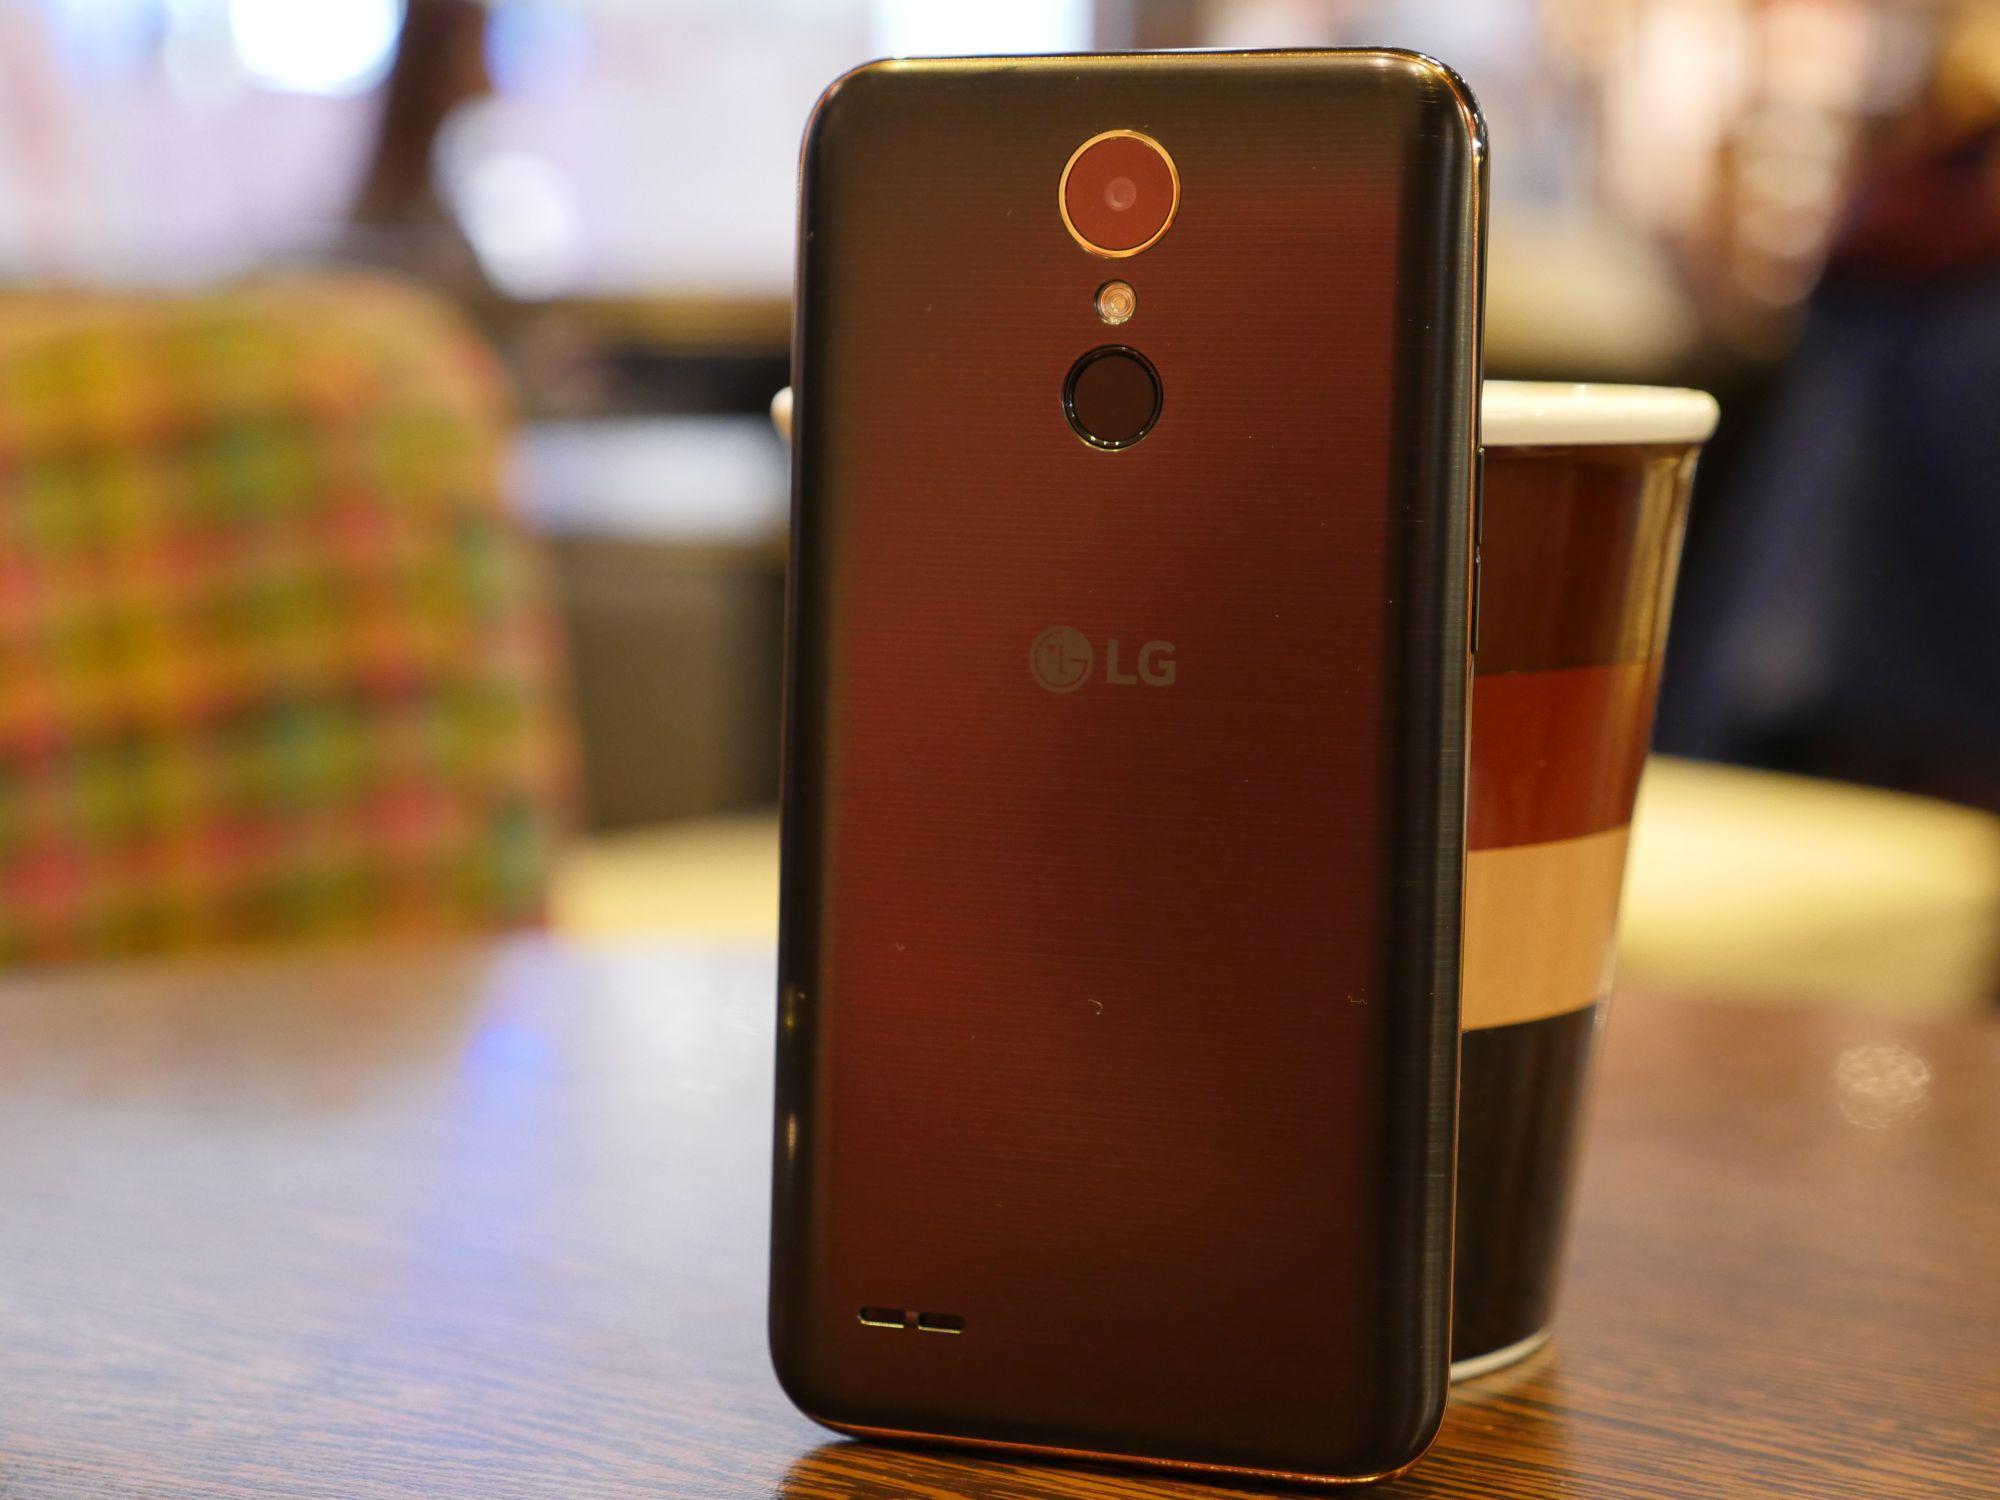 Recenzja LG K10 2017 - smartfona, który w tym roku powalczy o tytuł najpopularniejszego średniaka